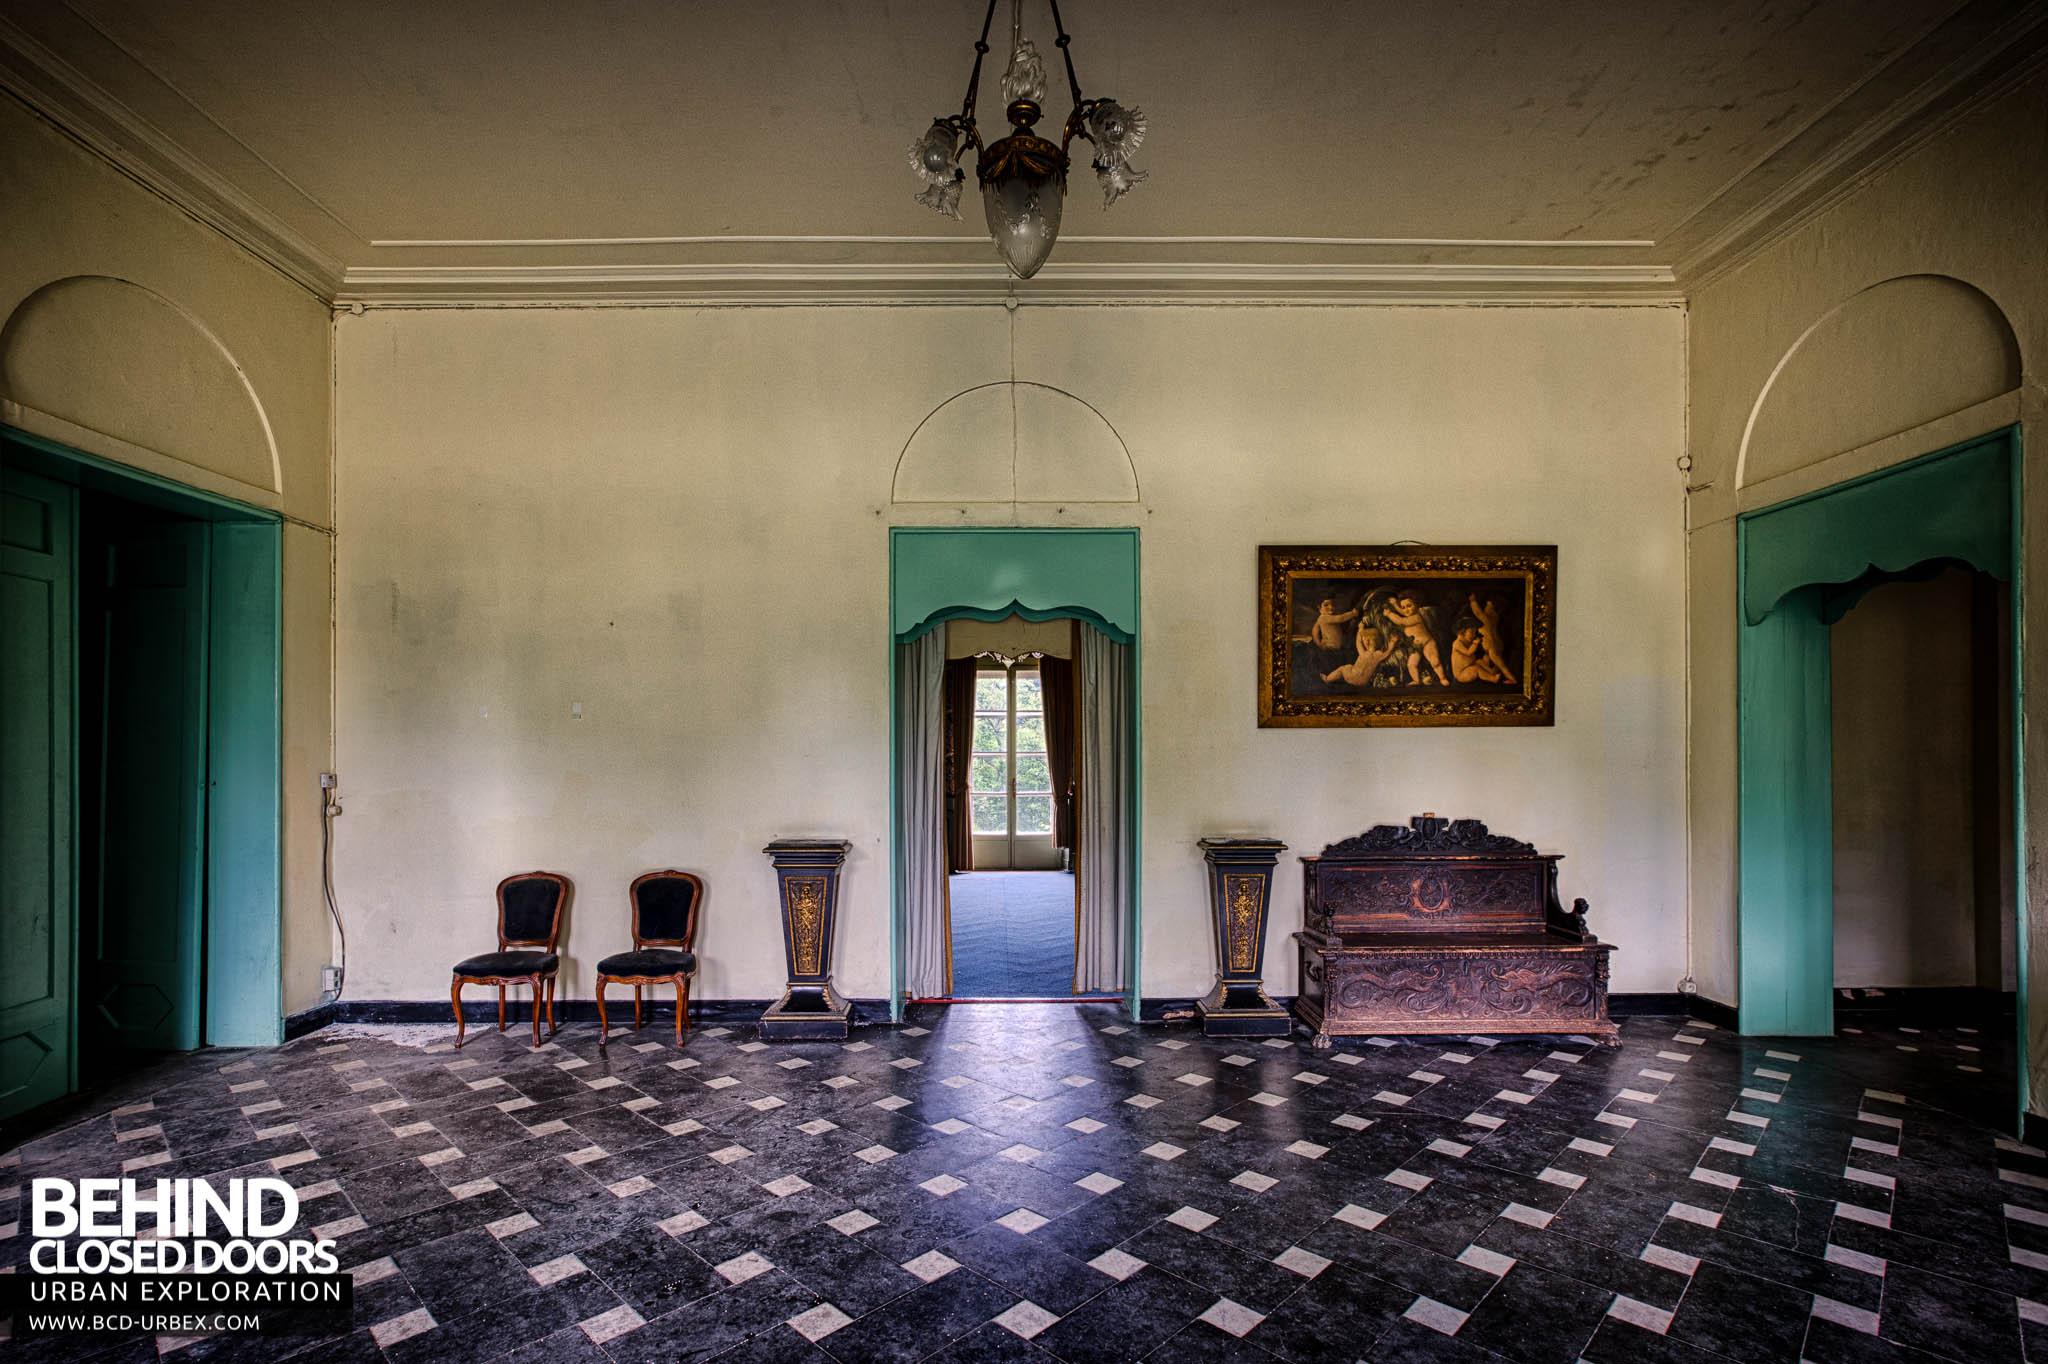 chateau de la chapelle tiles floor room with furniture chateau de la chapelle belgium